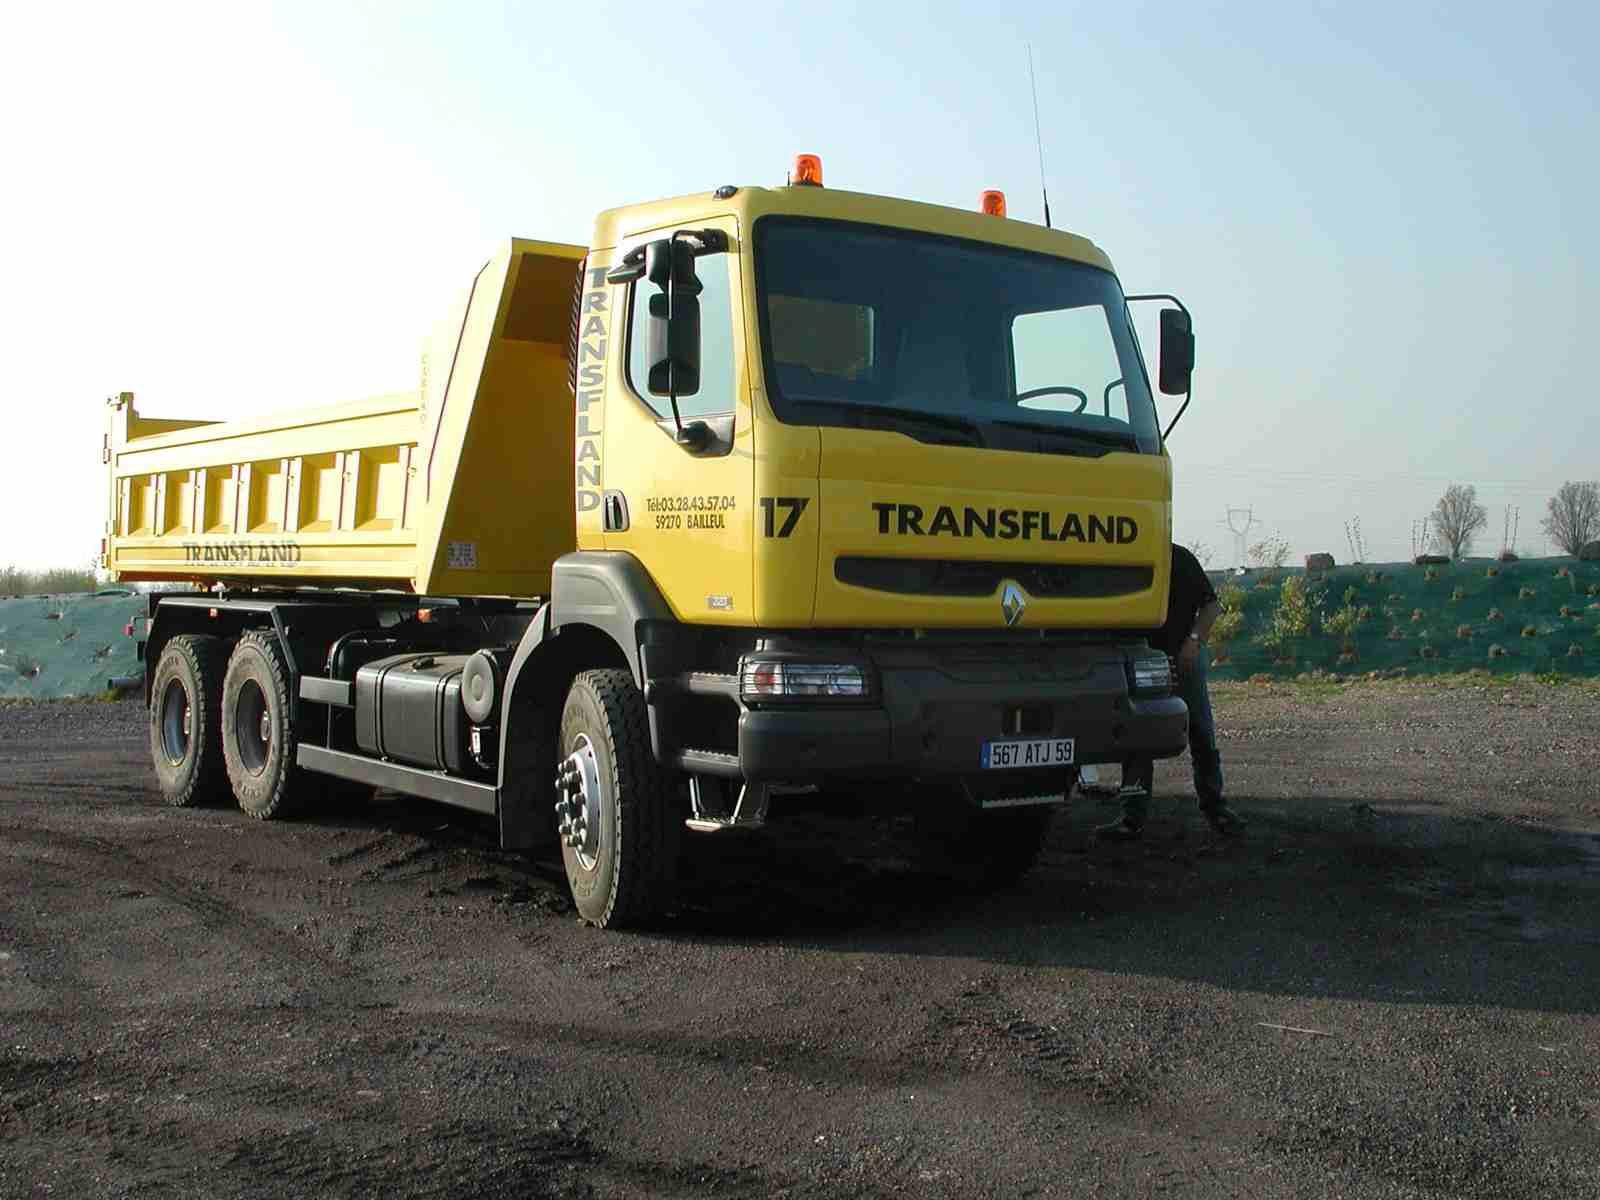 Transfland - Transport matériaux Bailleul - Porteur 6x4